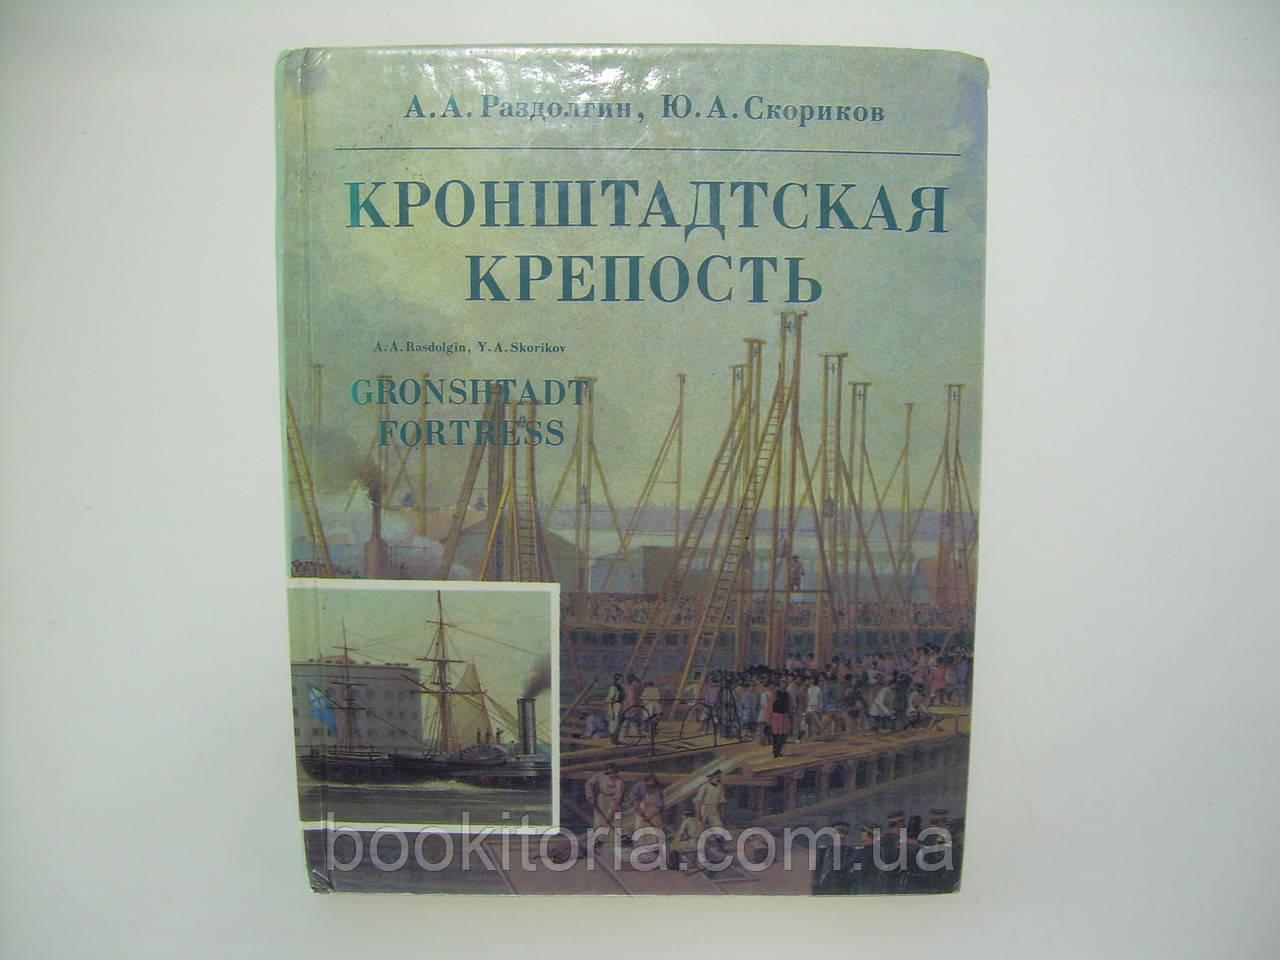 Раздолгин А.А. и др. Кронштадская крепость (б/у).